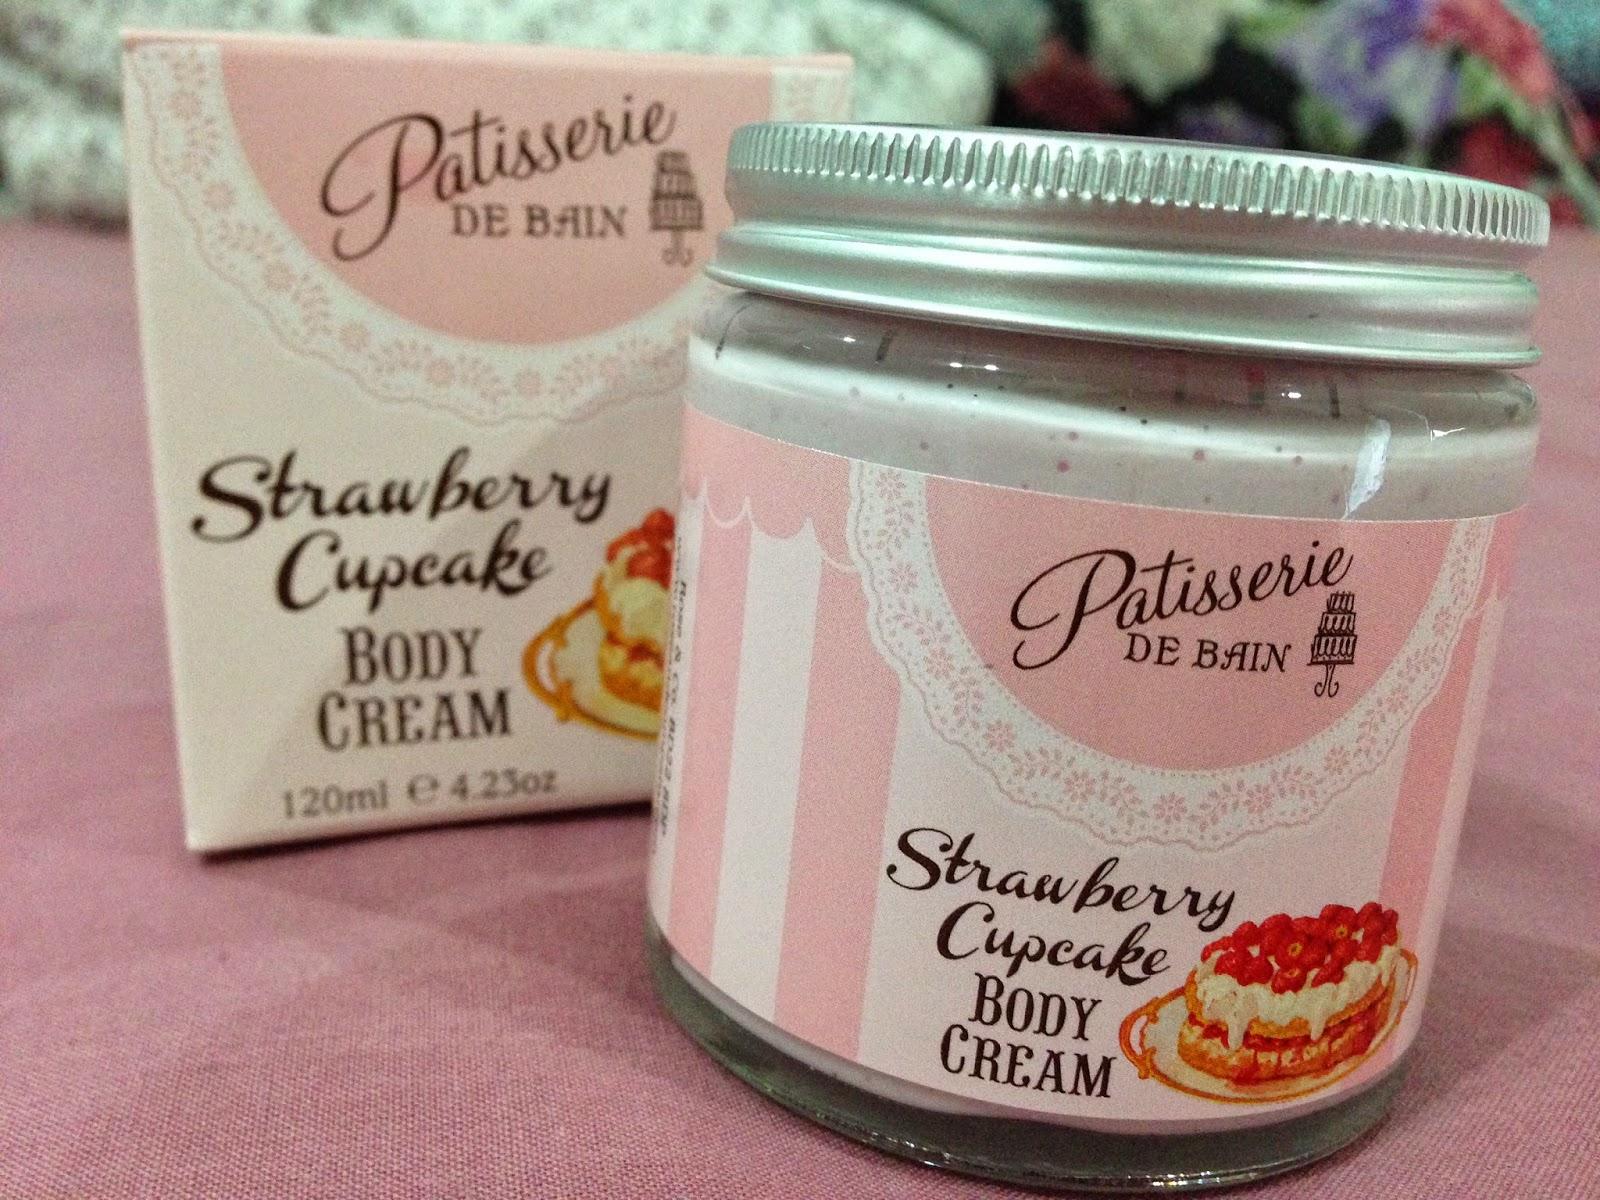 Rose & Co. Patisserie De Bain Body Cream in Strawberry Cupcake